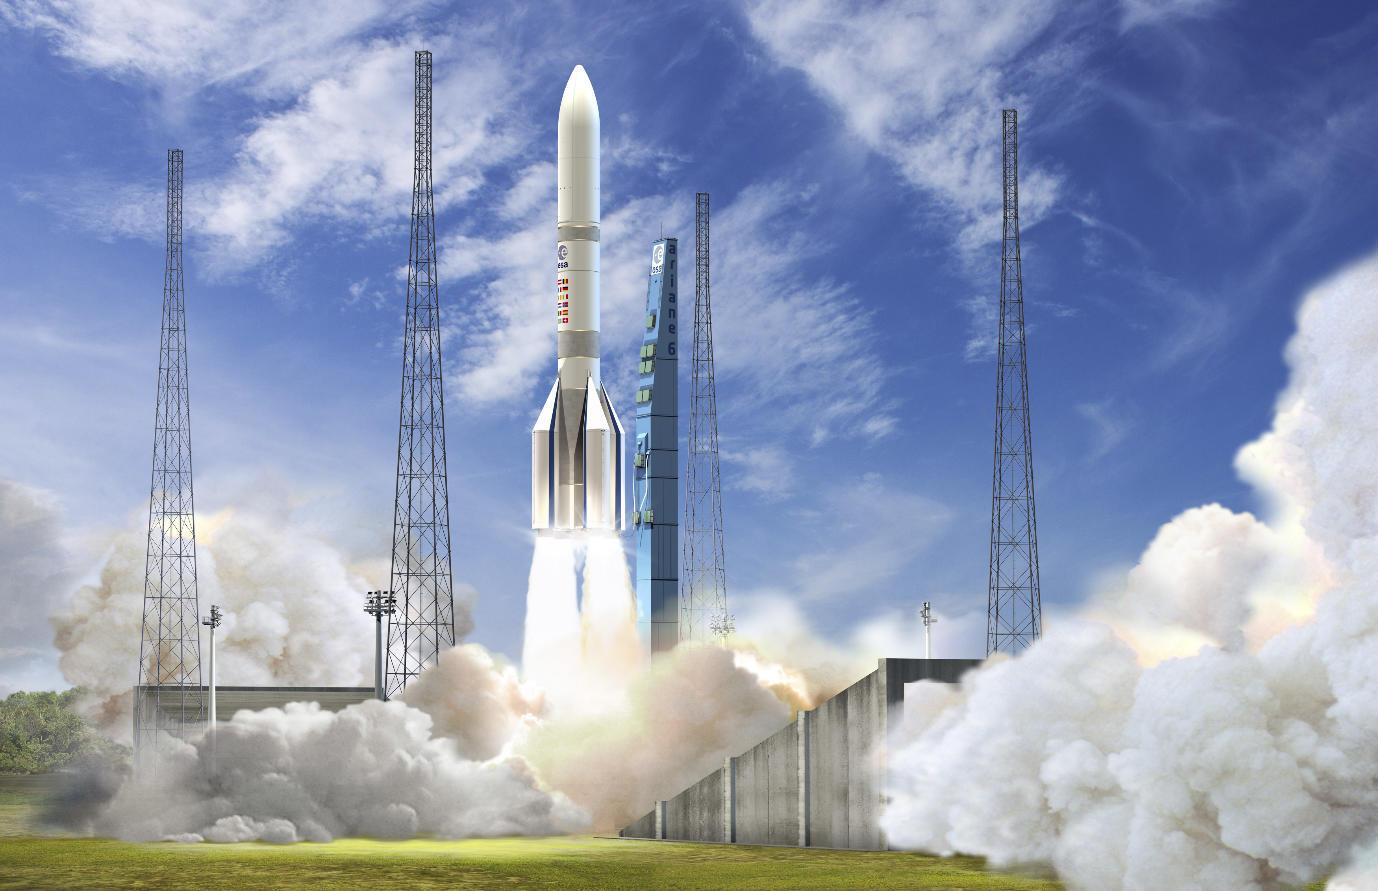 Airbus Safran Launchers passes Ariane 6 production milestone